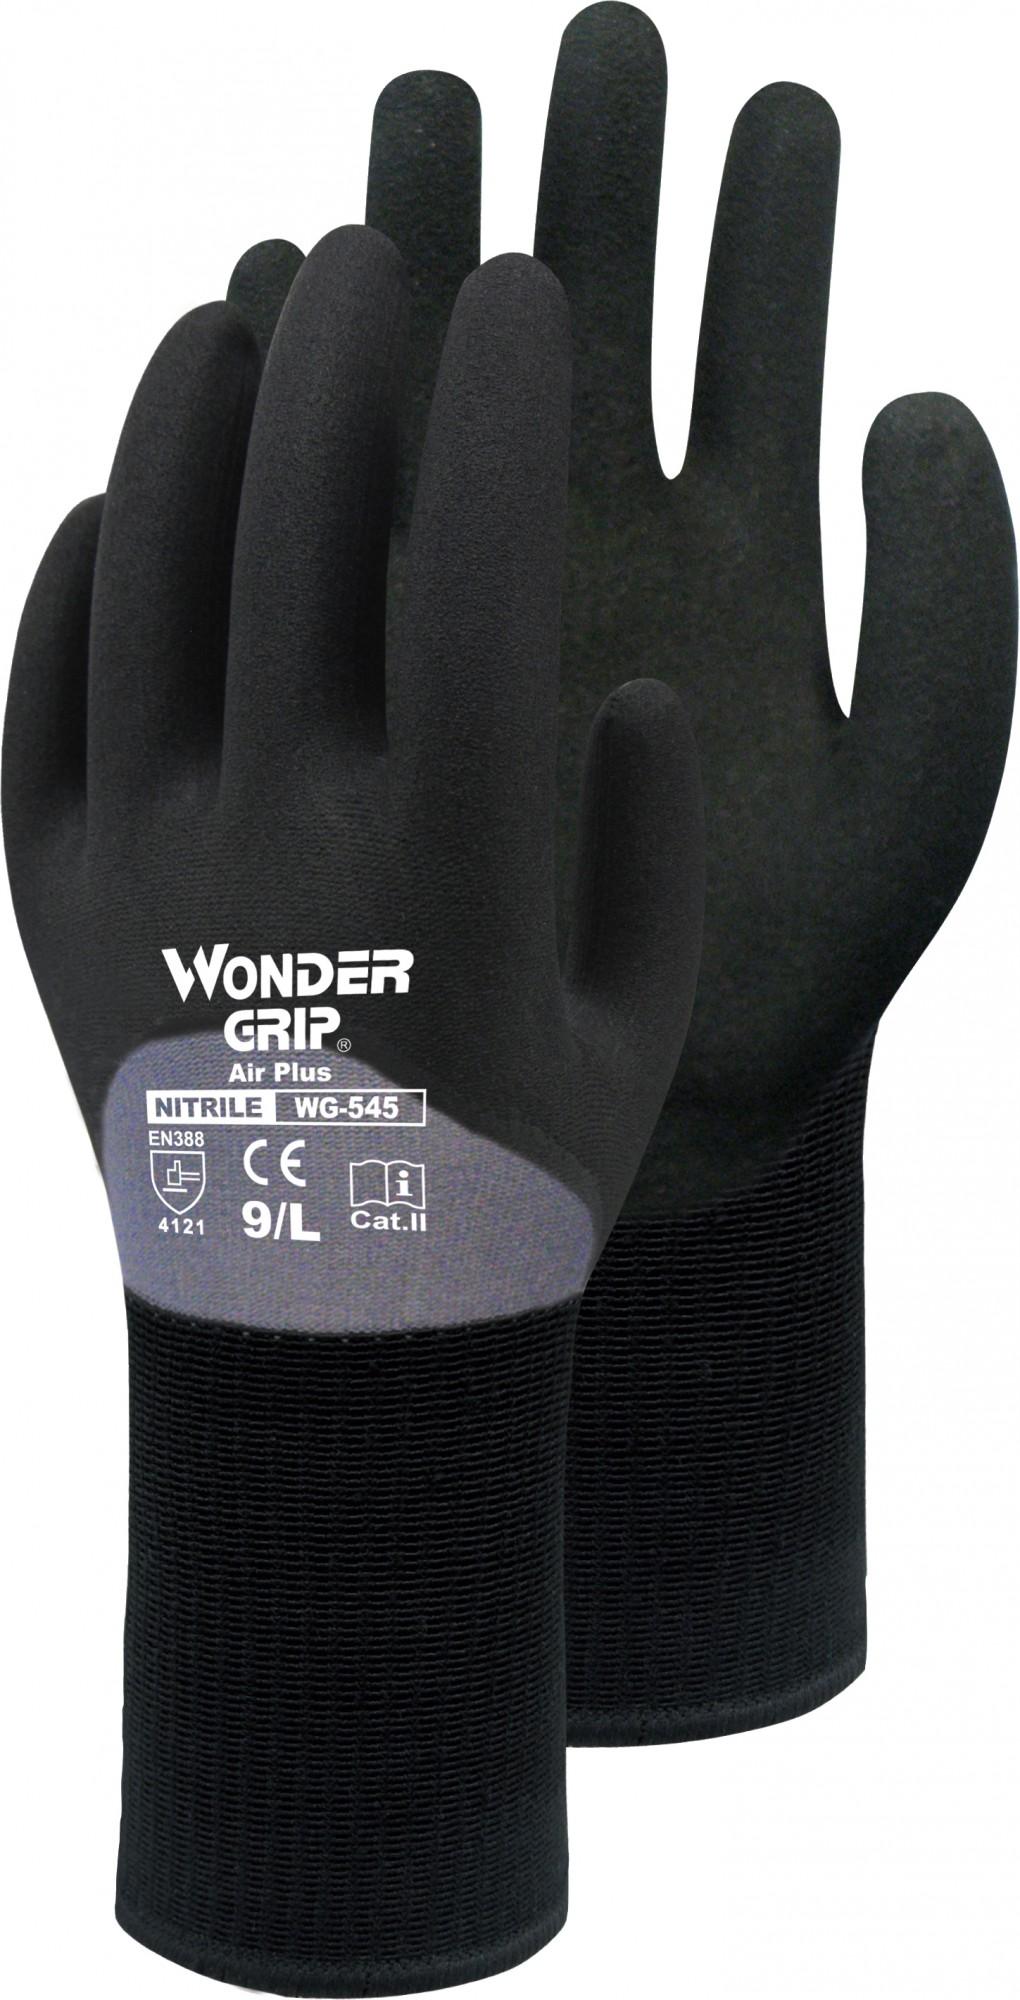 handschuhe wonder grip air plus 545 mit nitril schwarz ebay. Black Bedroom Furniture Sets. Home Design Ideas